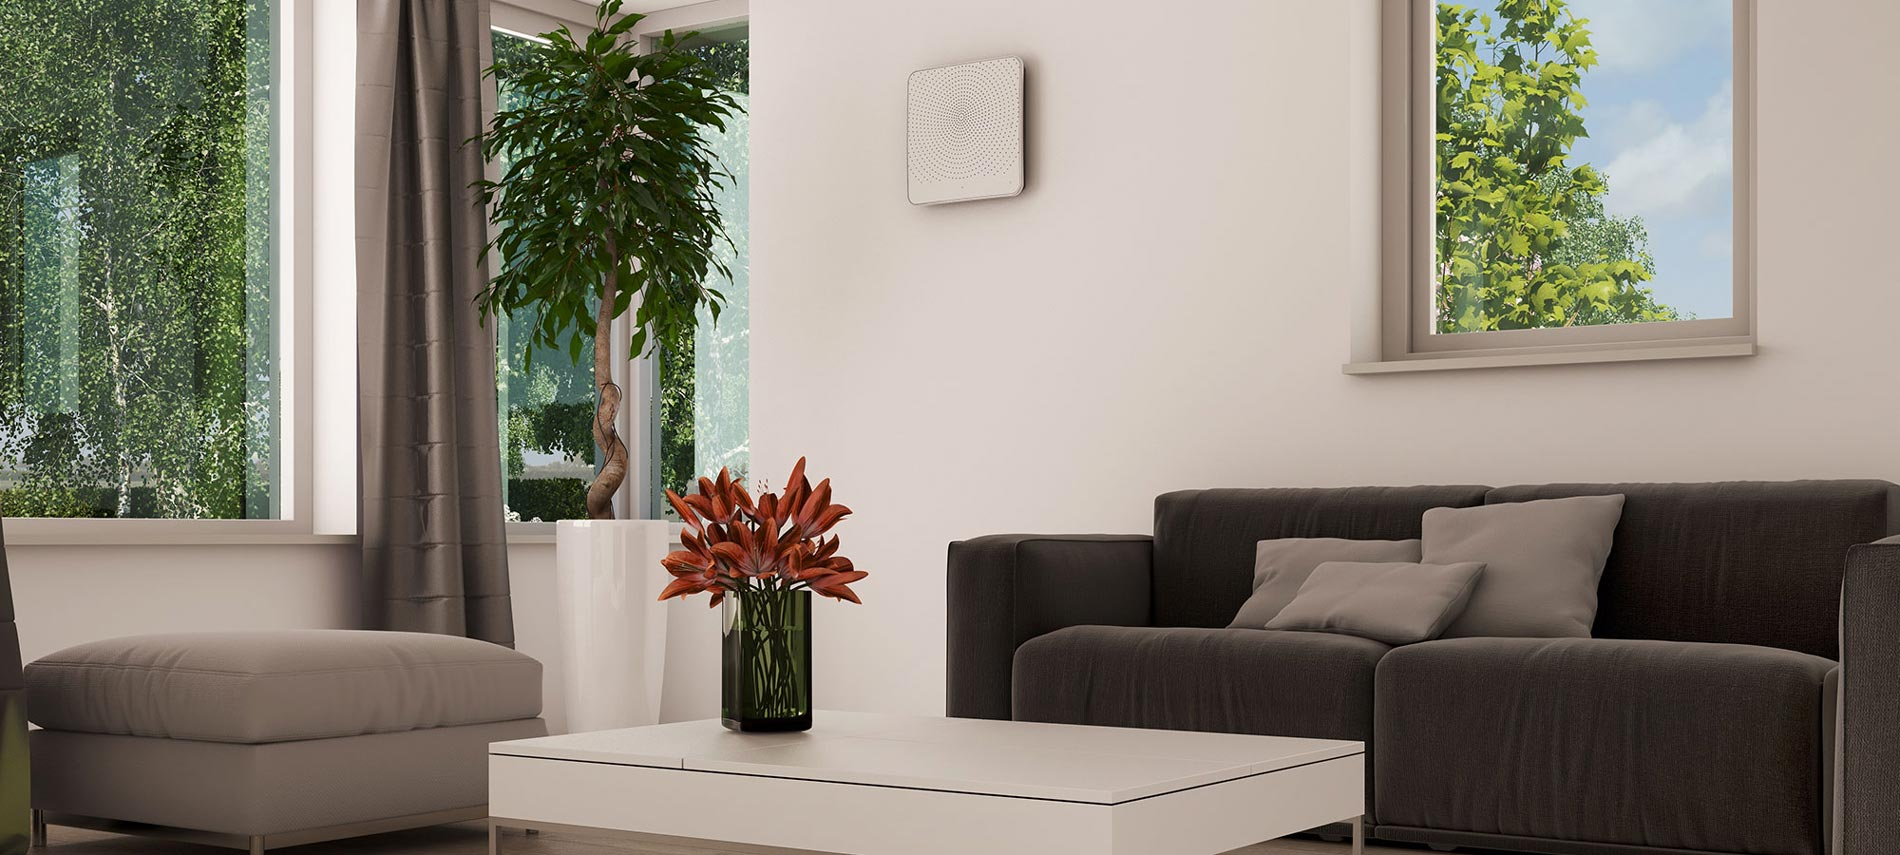 Air 70 - Optimaal ventilatie in uw woning